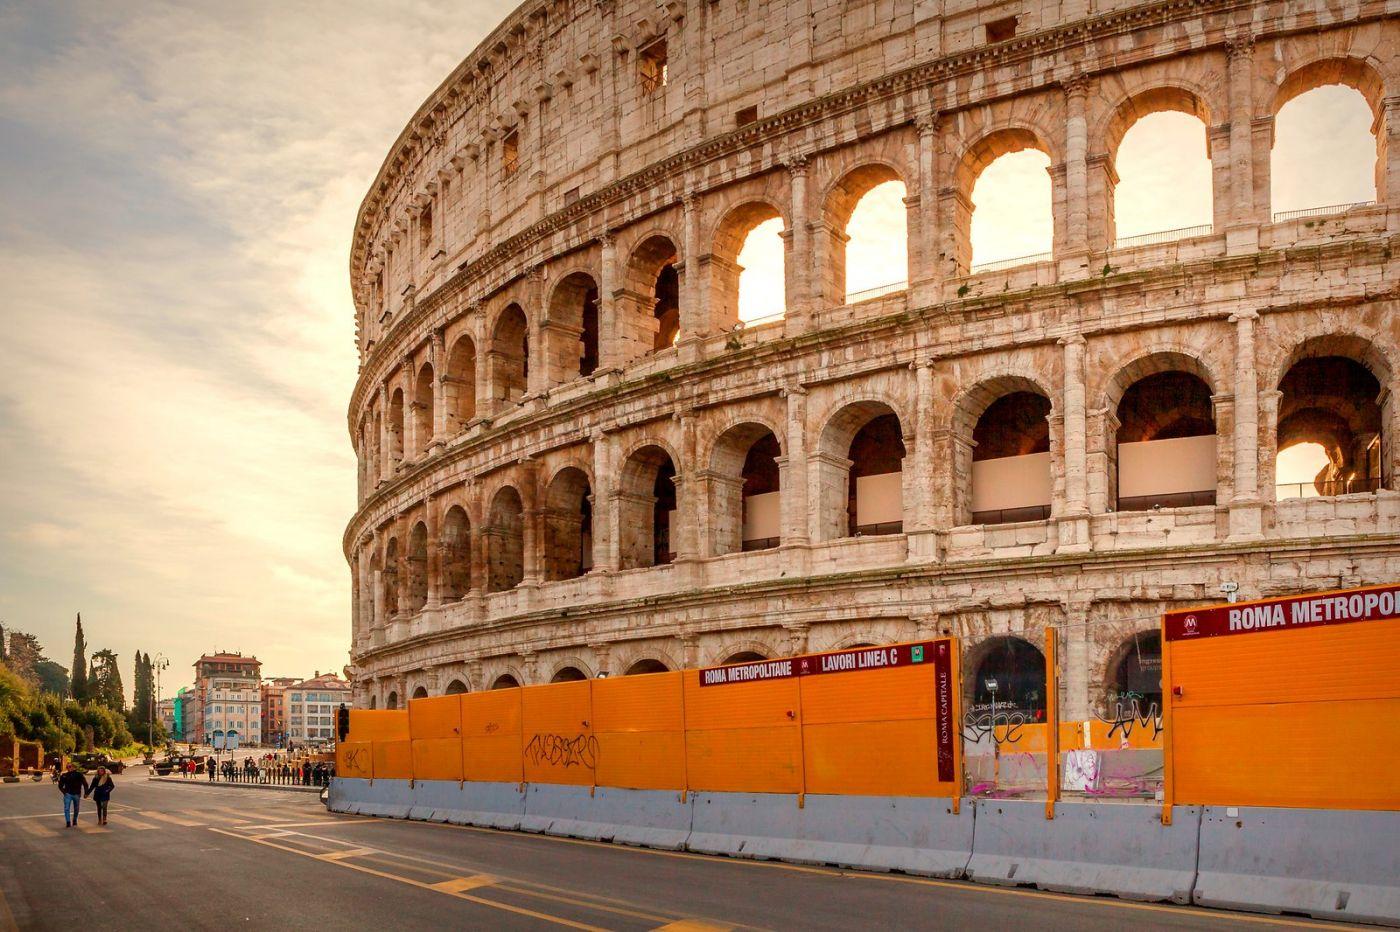 罗马斗兽场(Colosseum), 两千年的宏大建筑古迹_图1-14